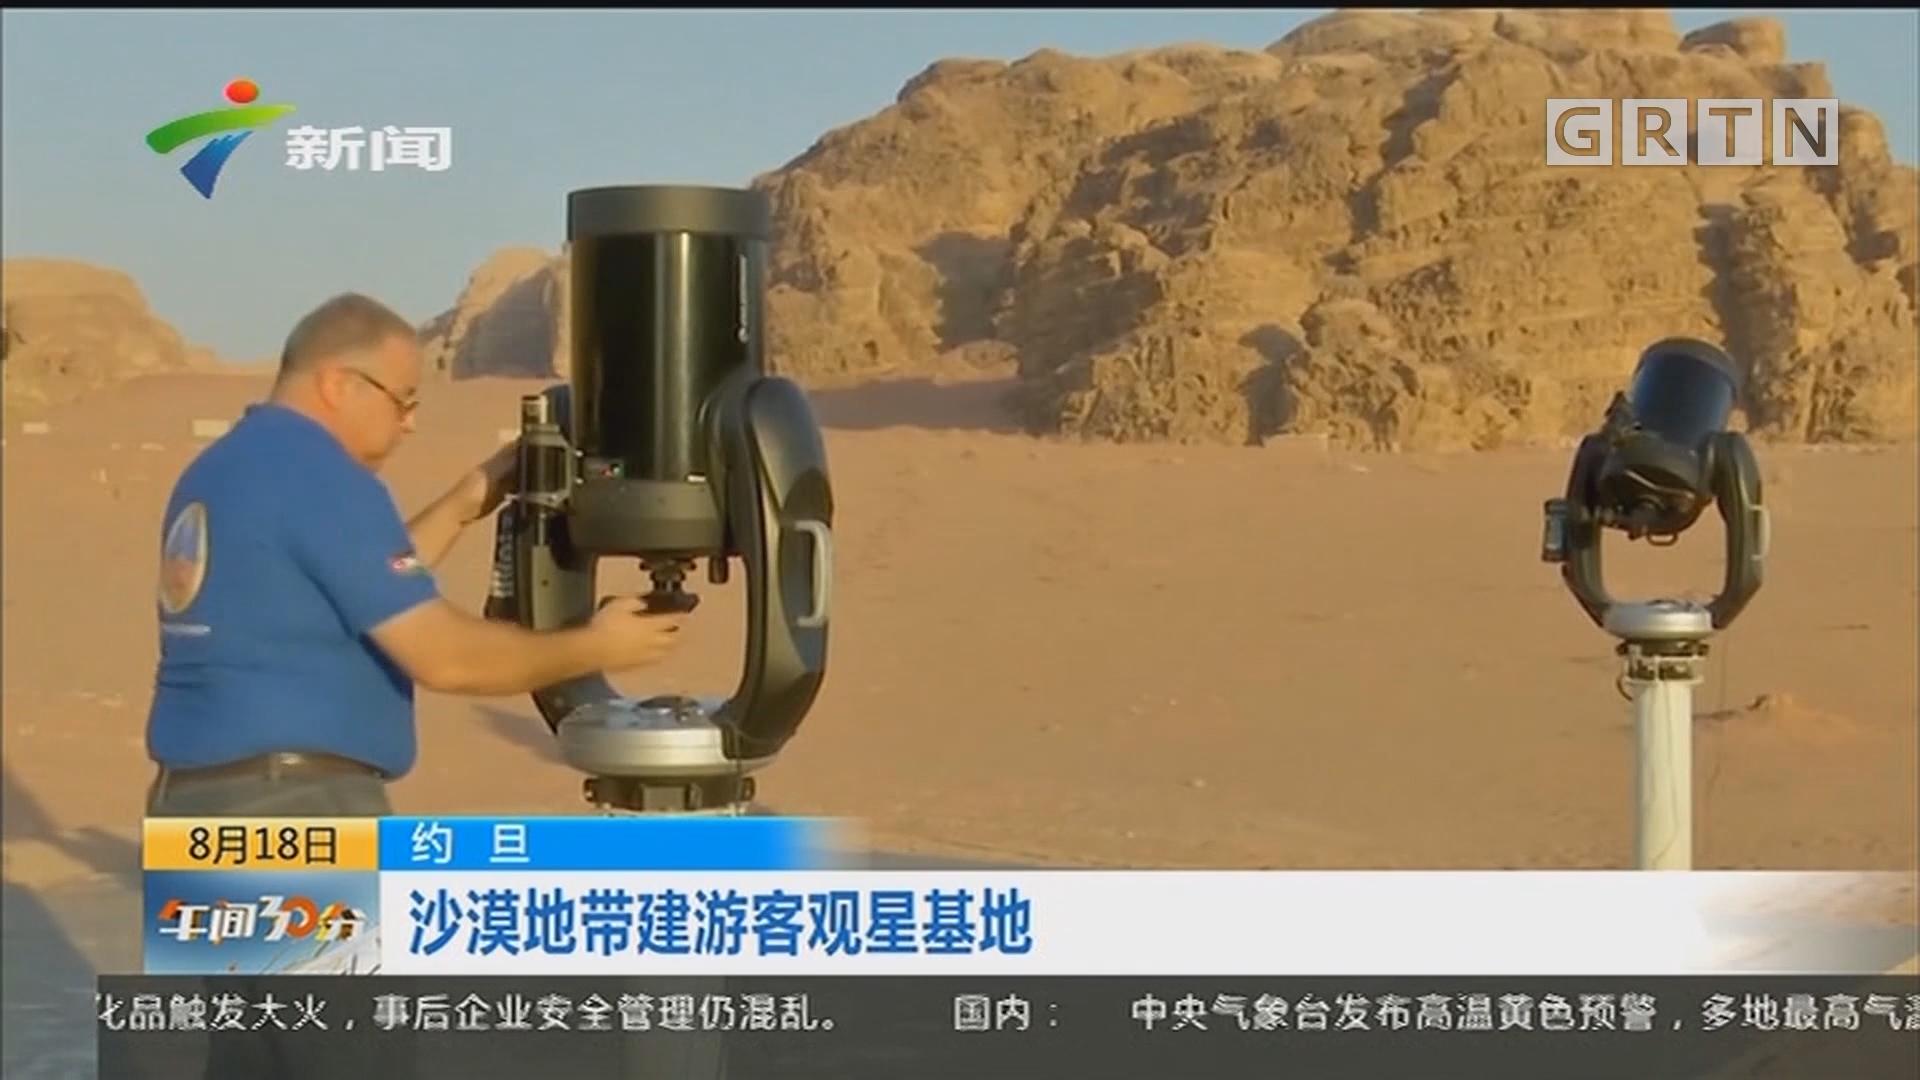 约旦:沙漠地带建游客观星基地